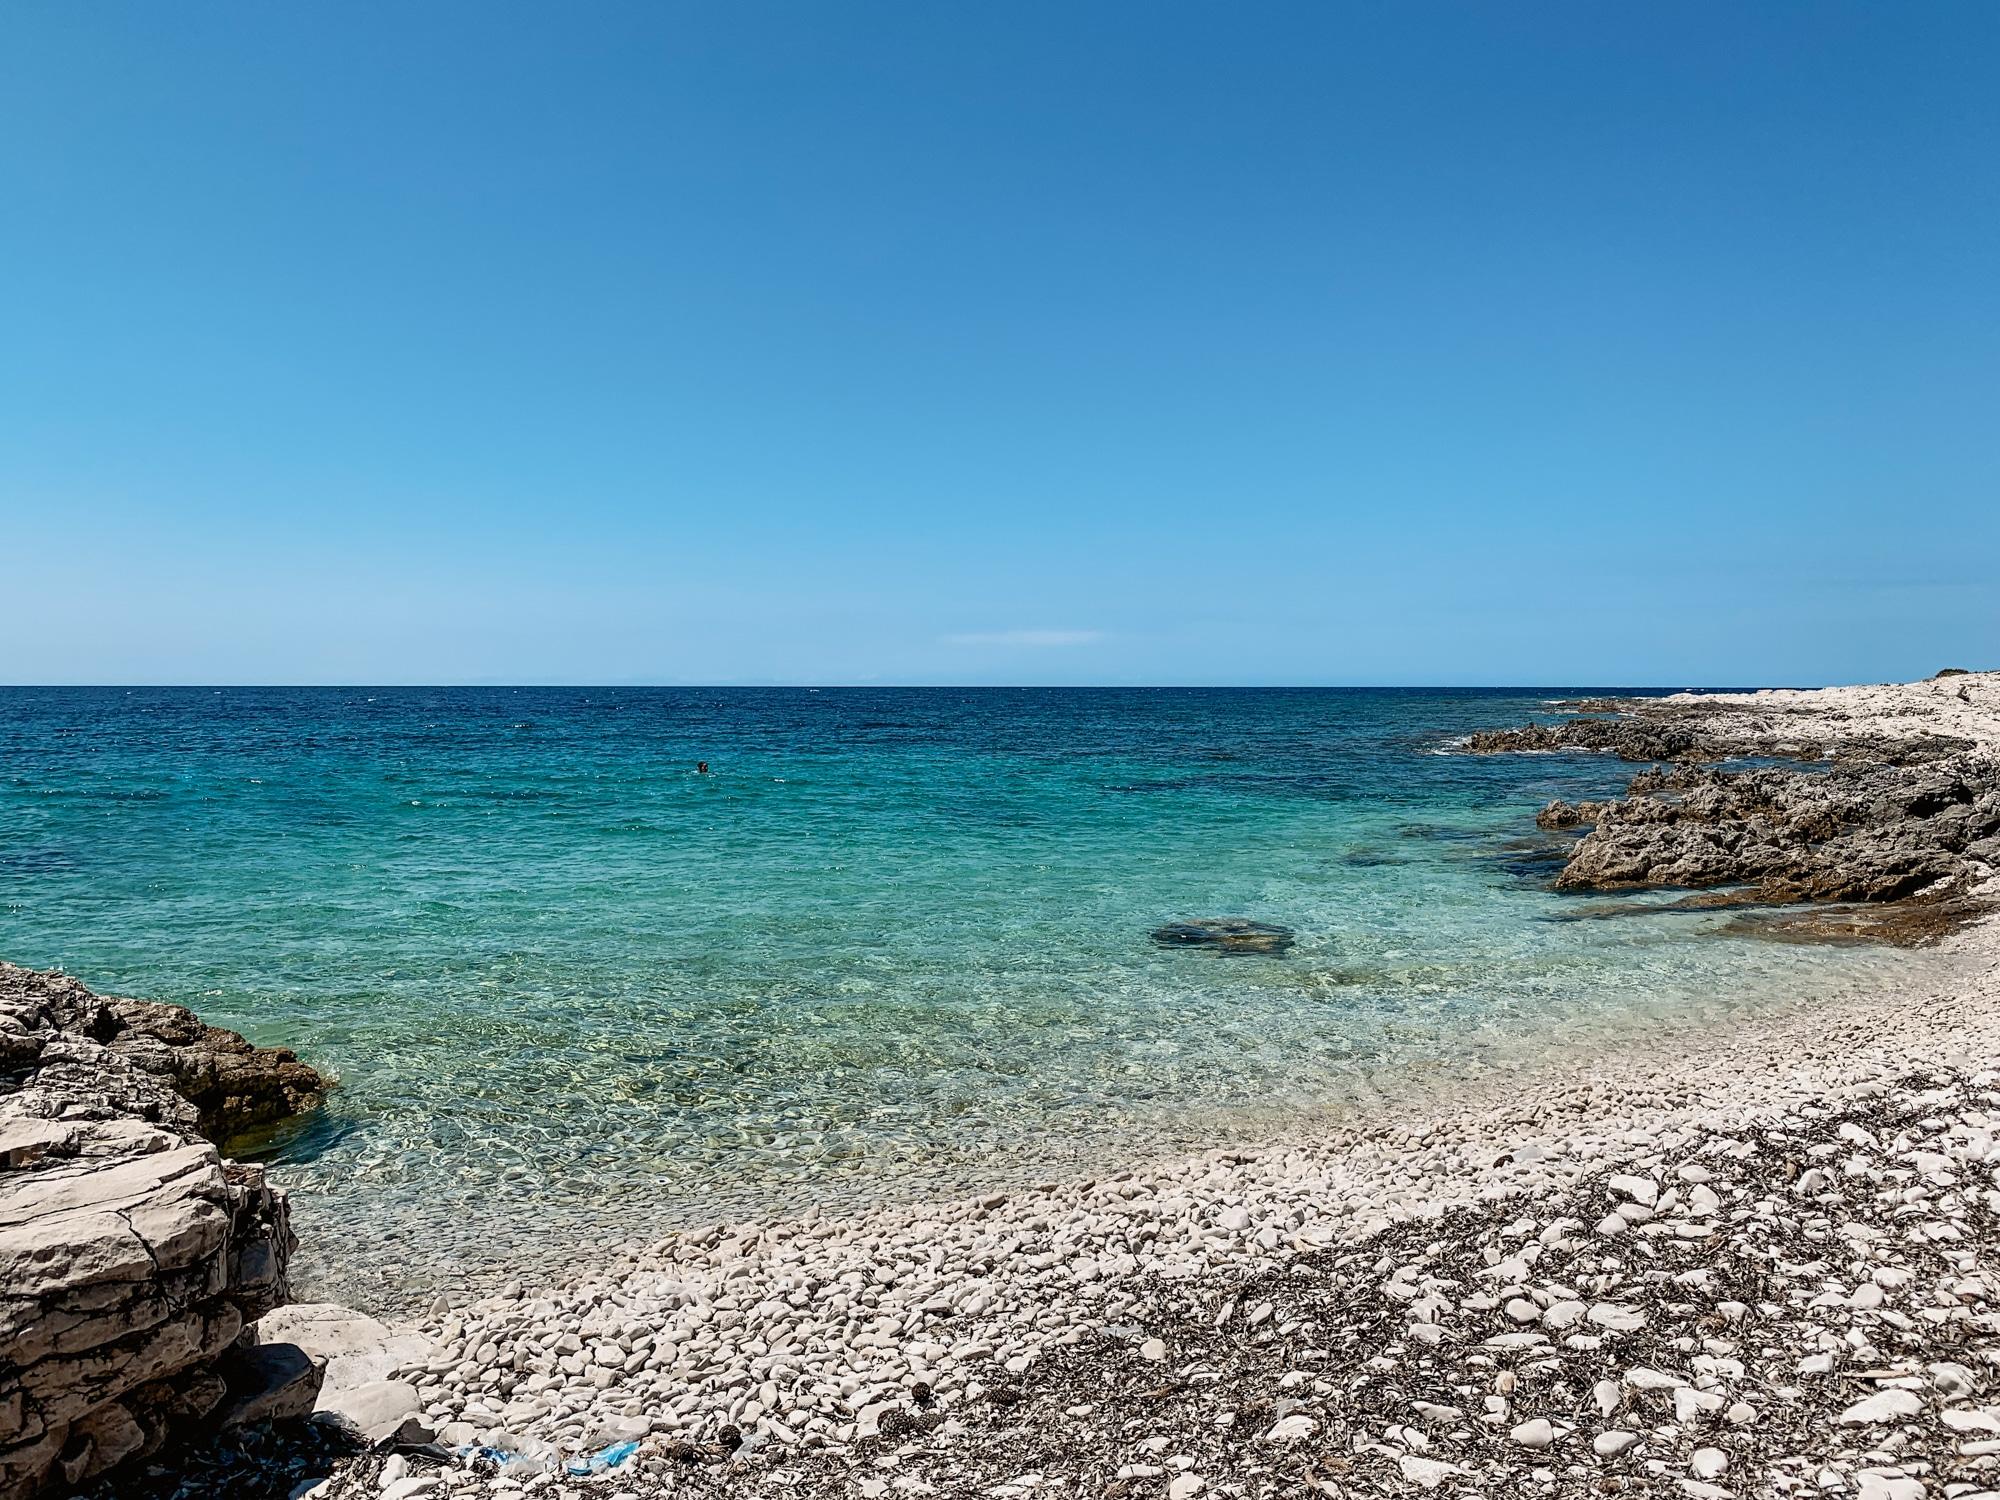 Dugi Otok Sehenswürdigkeiten: Meine Highlights und Tipps für die Insel - Bucht am Leuchtturm Veli Rat